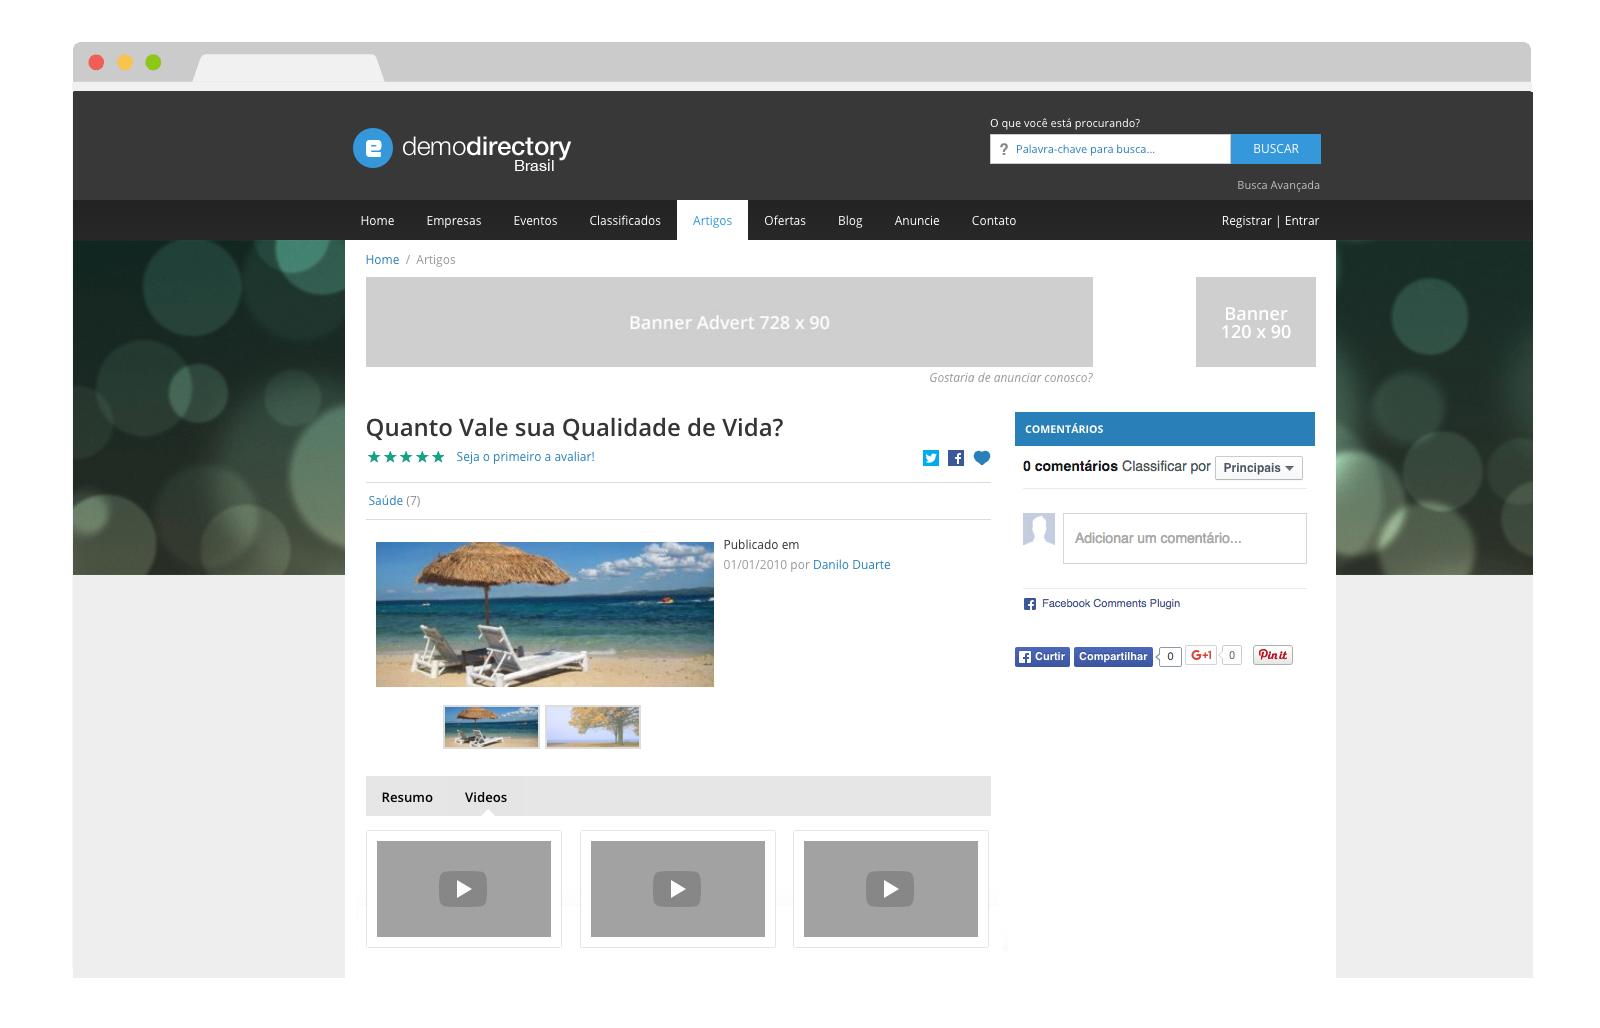 eDirectory Múltiplos Videos para Artigos